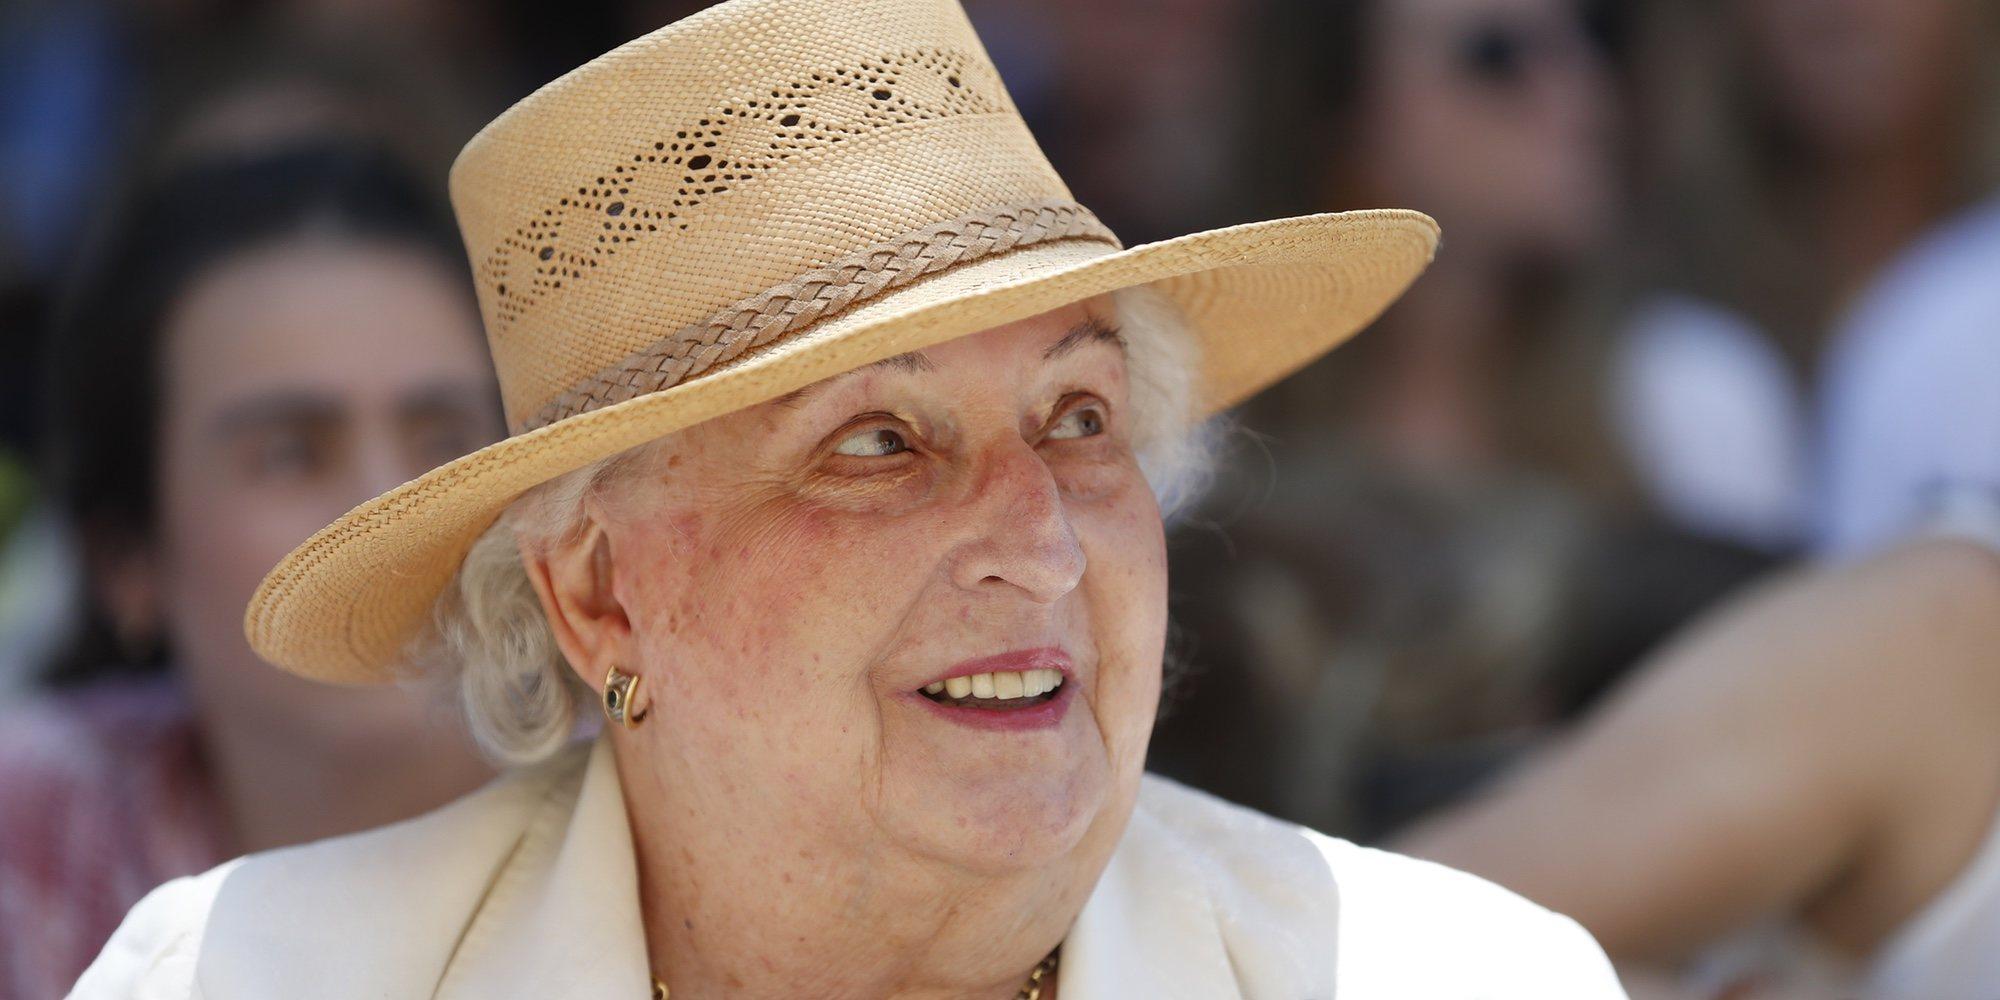 La Infanta Pilar aparece imparable como Presidenta Honorífica de un evento solidario